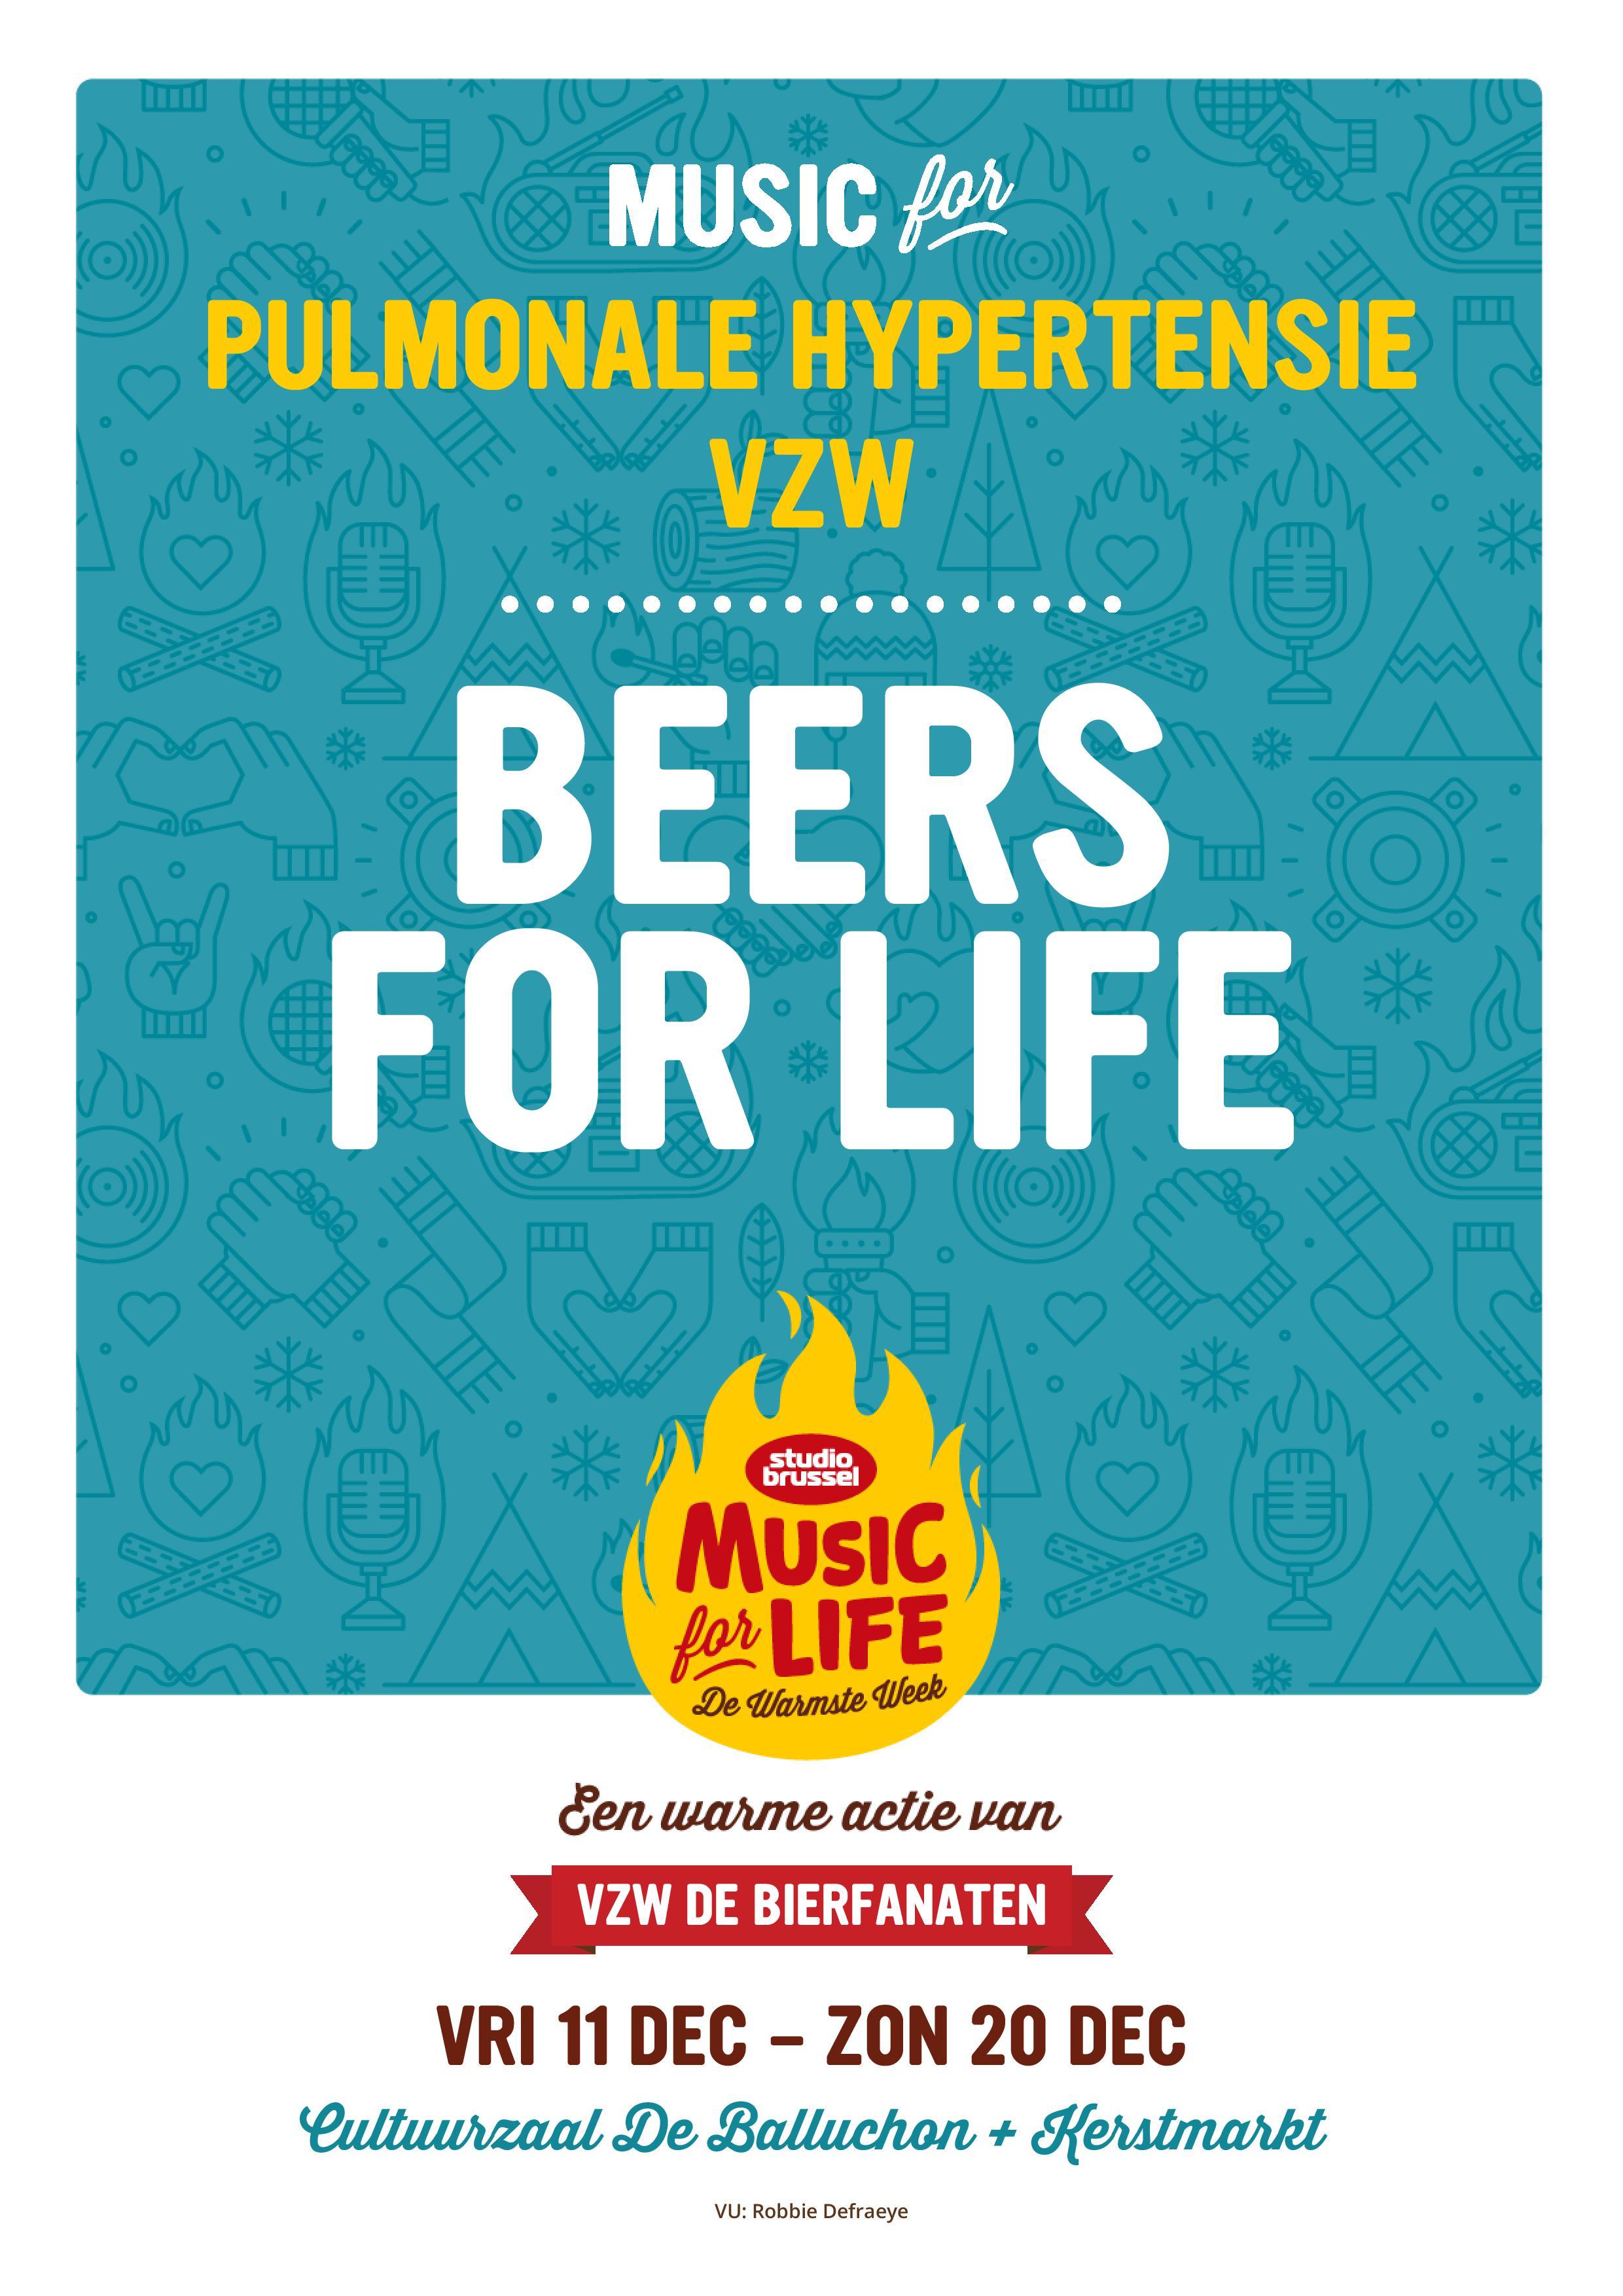 vzw De Bierfanaten Beers For Life